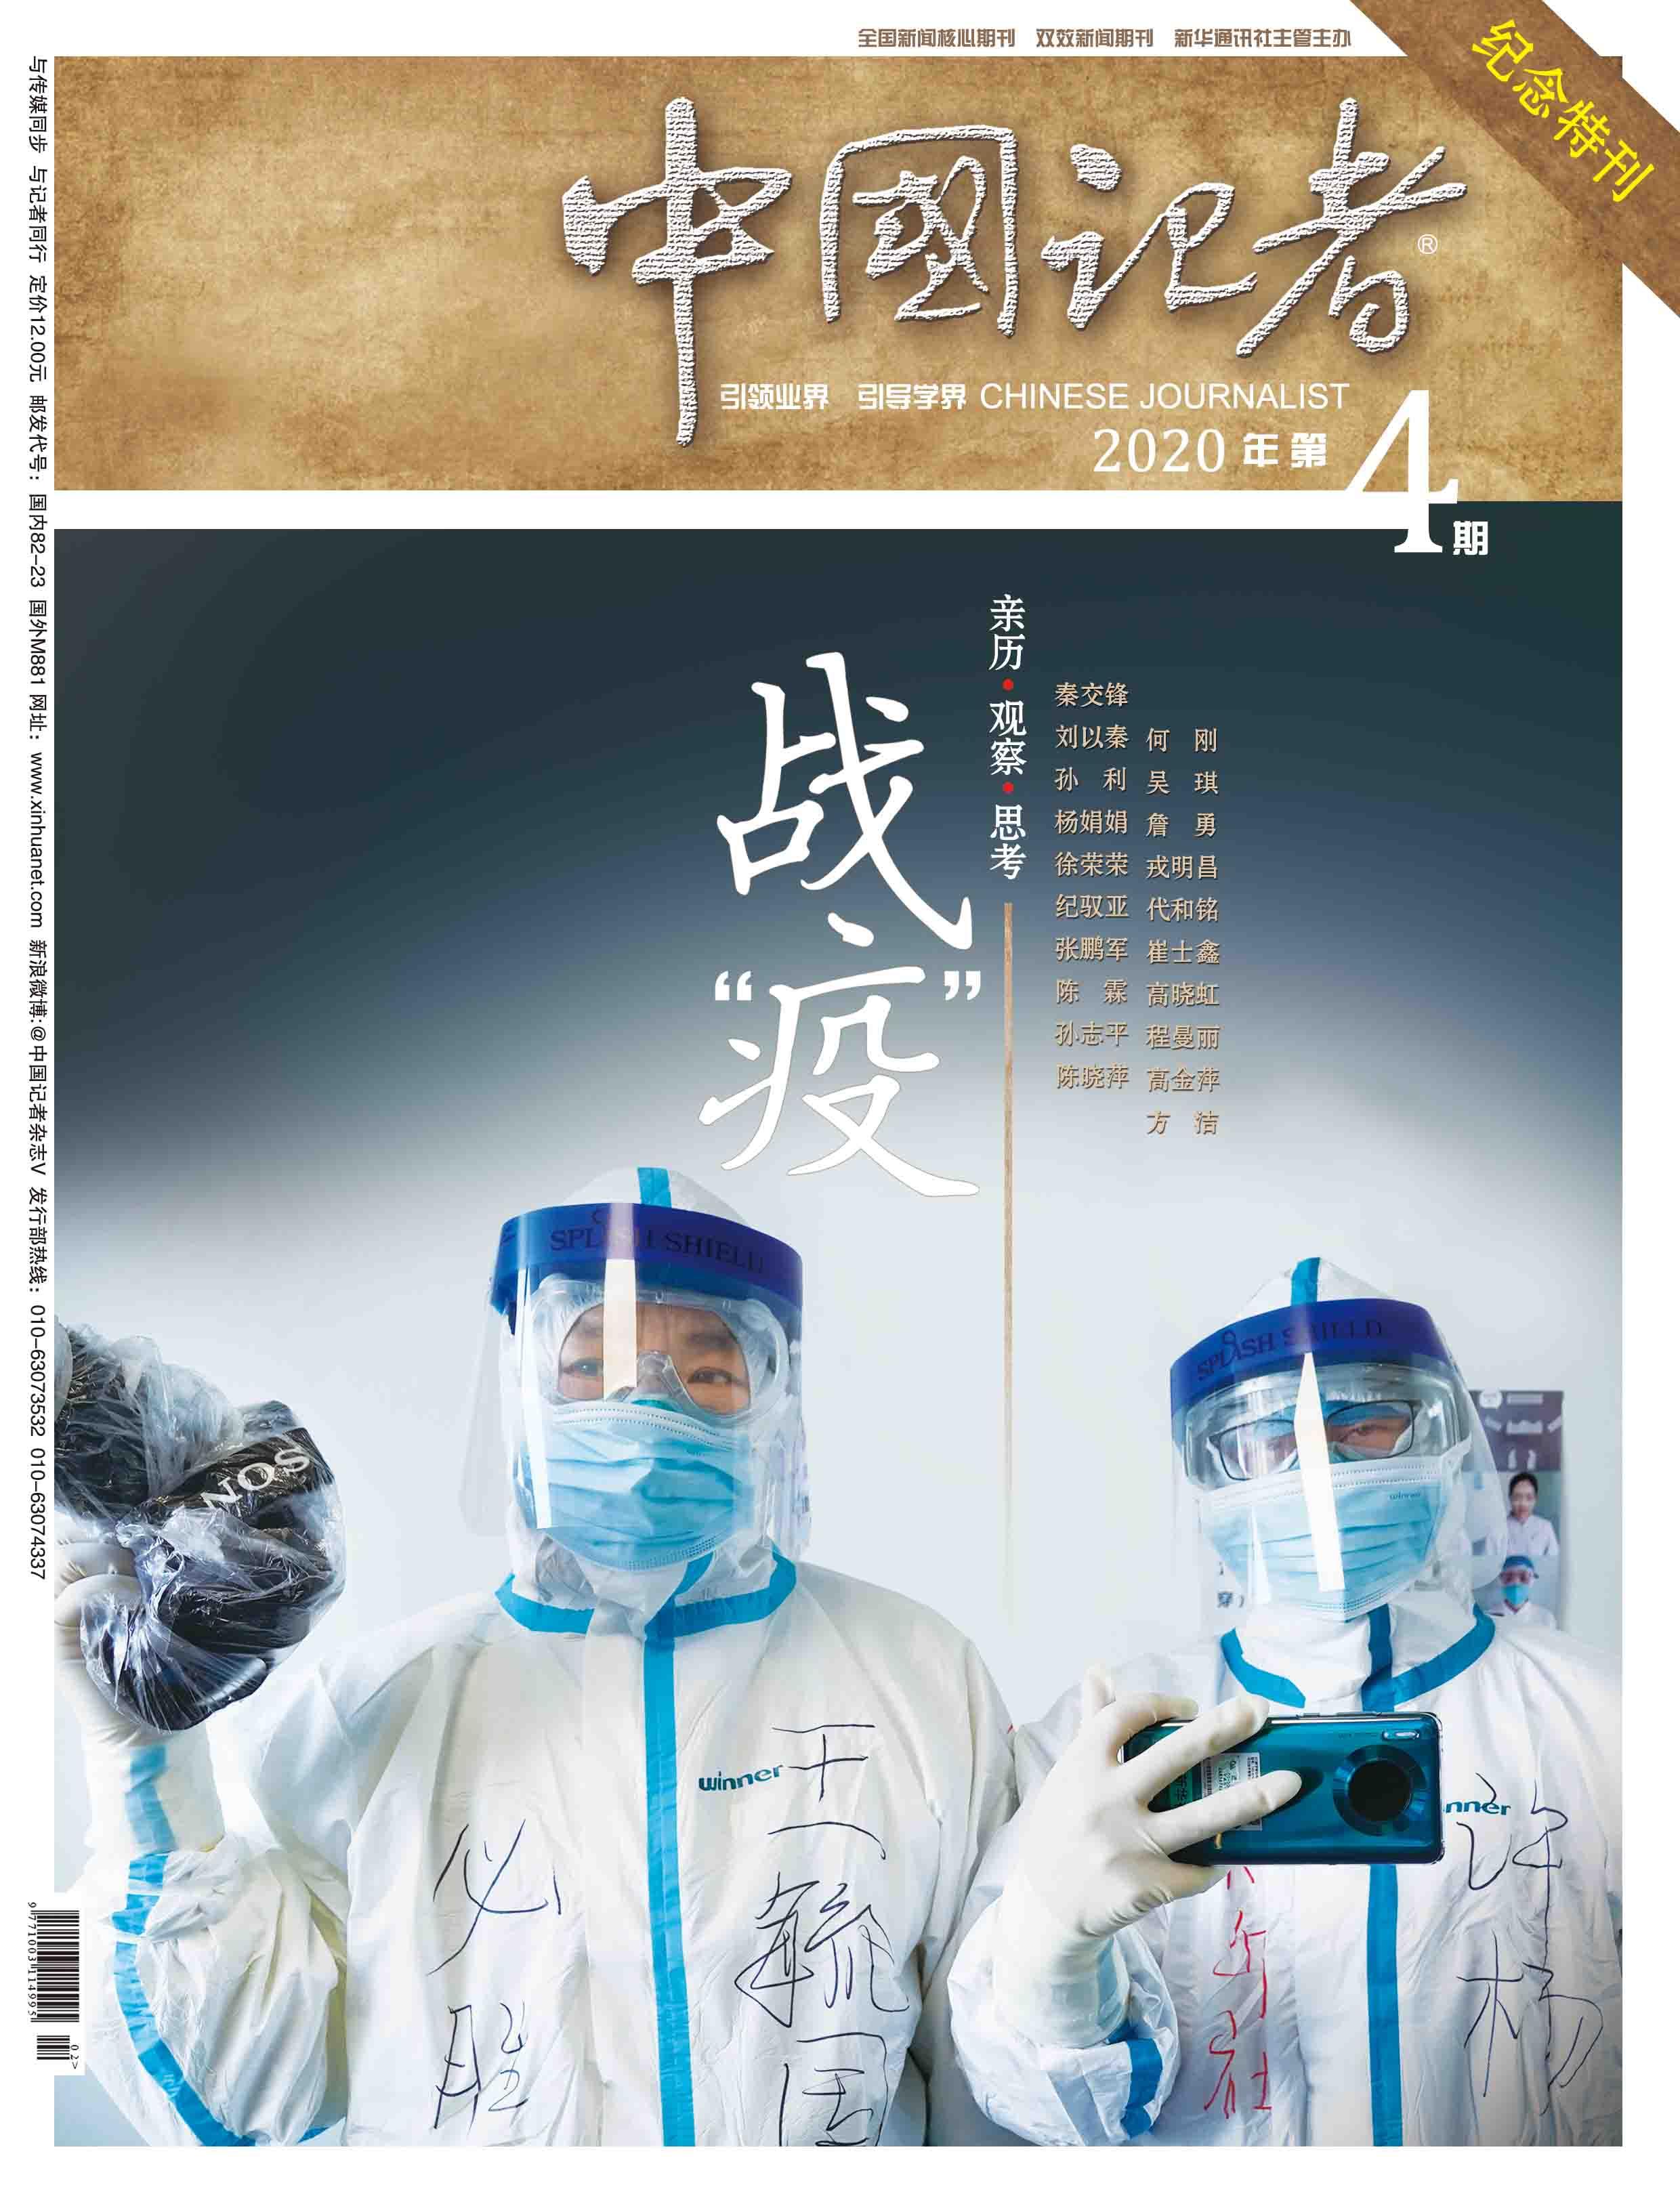 中國記者2020年第4期封面